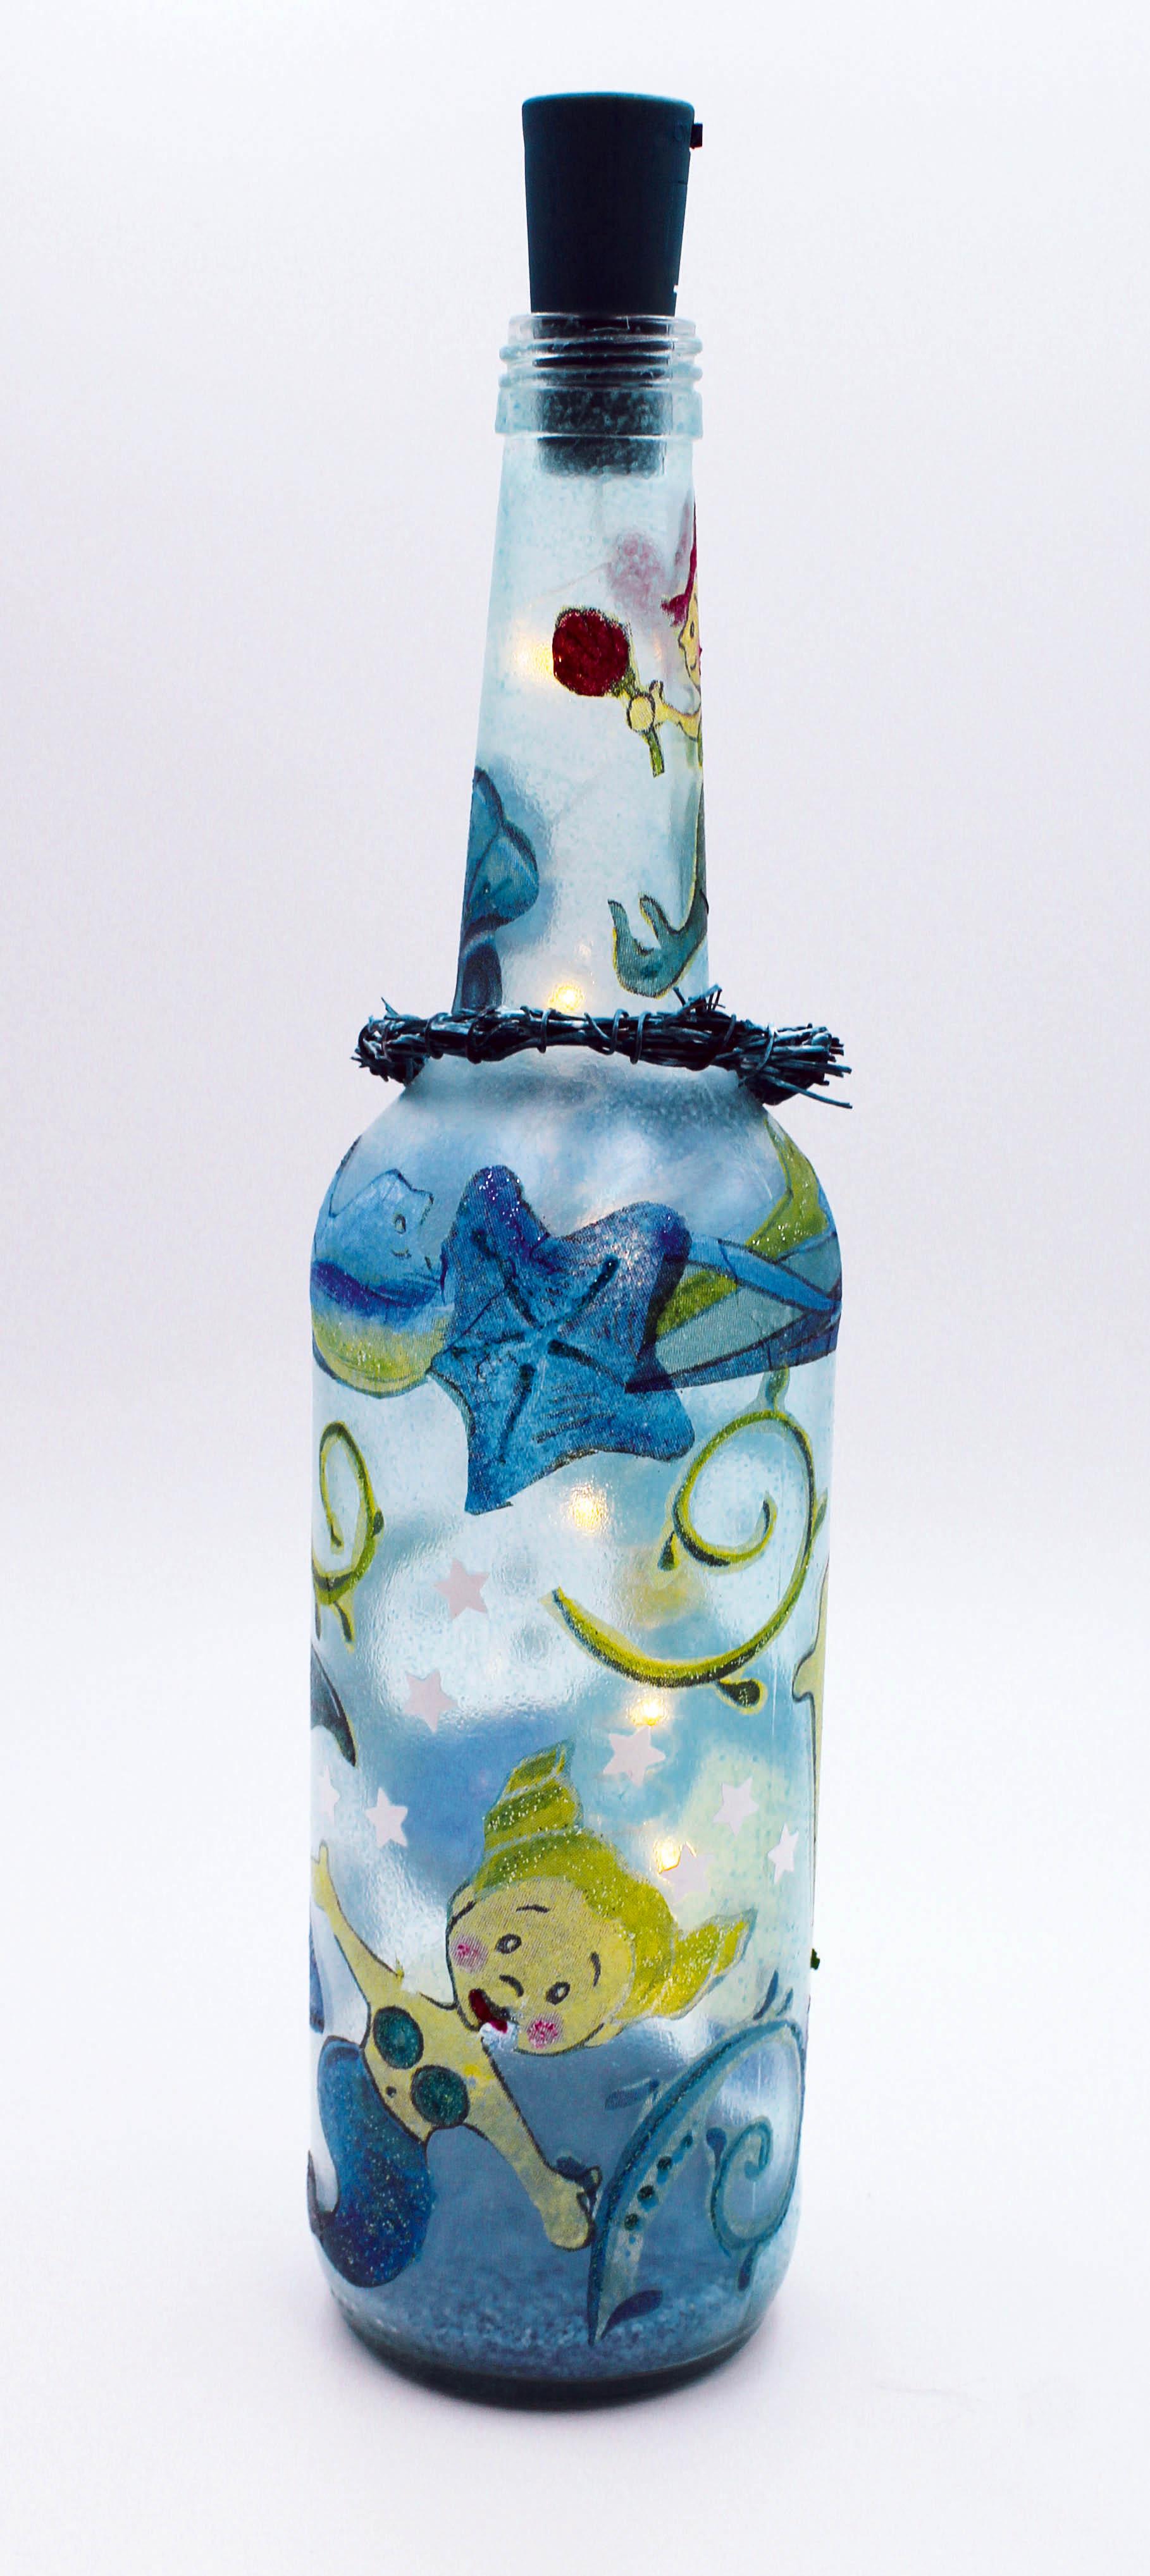 leuchtflaschen080719rgb_1